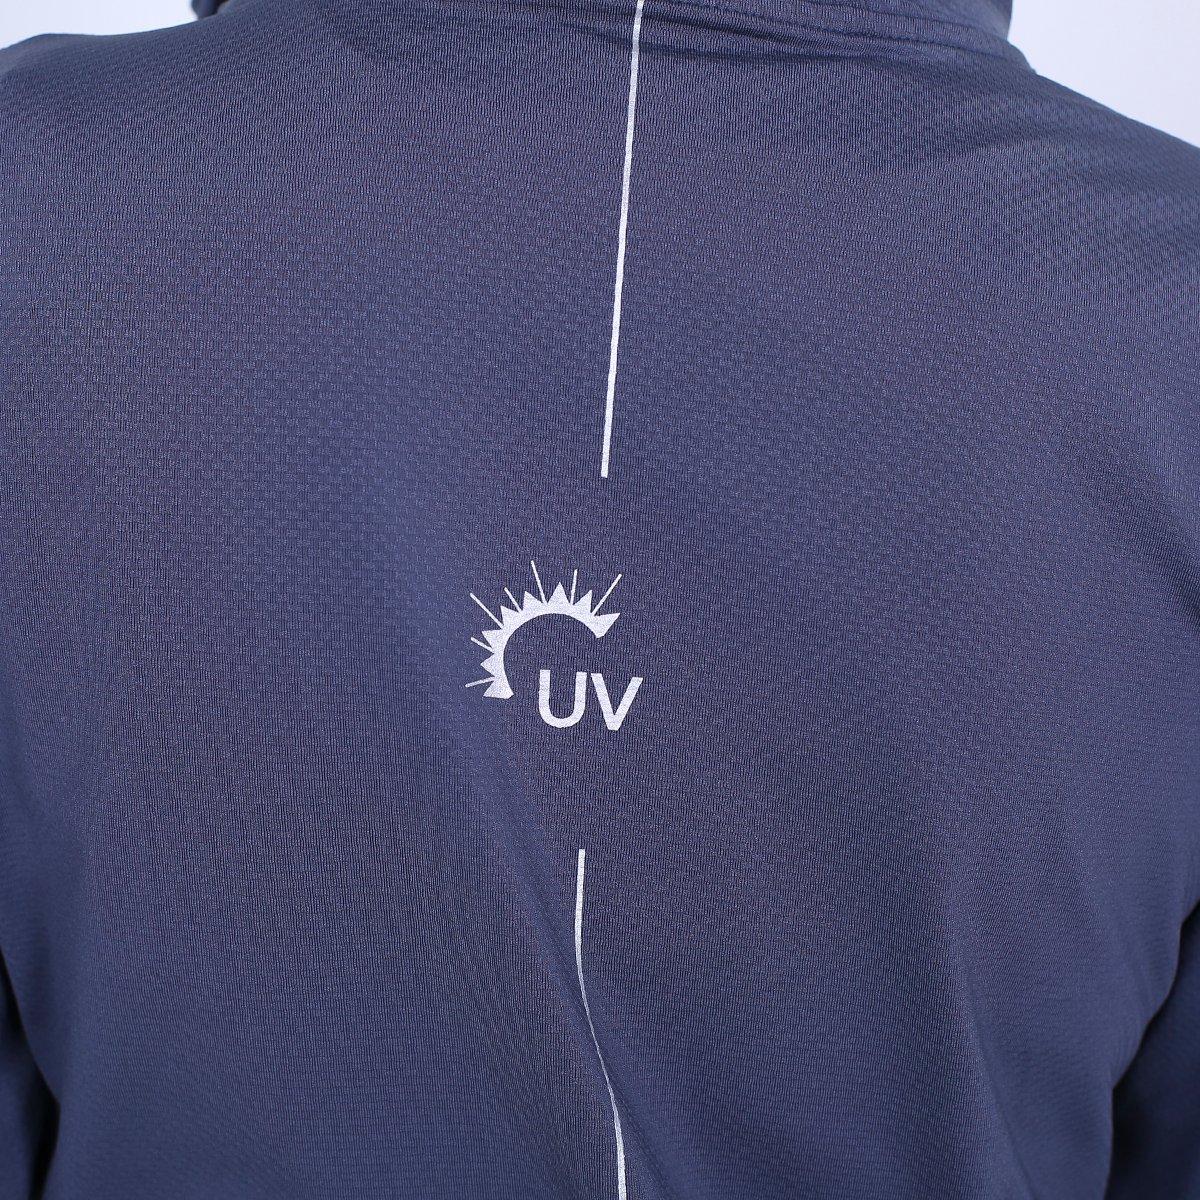 Áo khoác cao cấp có nón chống tia tử ngoại uv paltal akcn 311p 1110